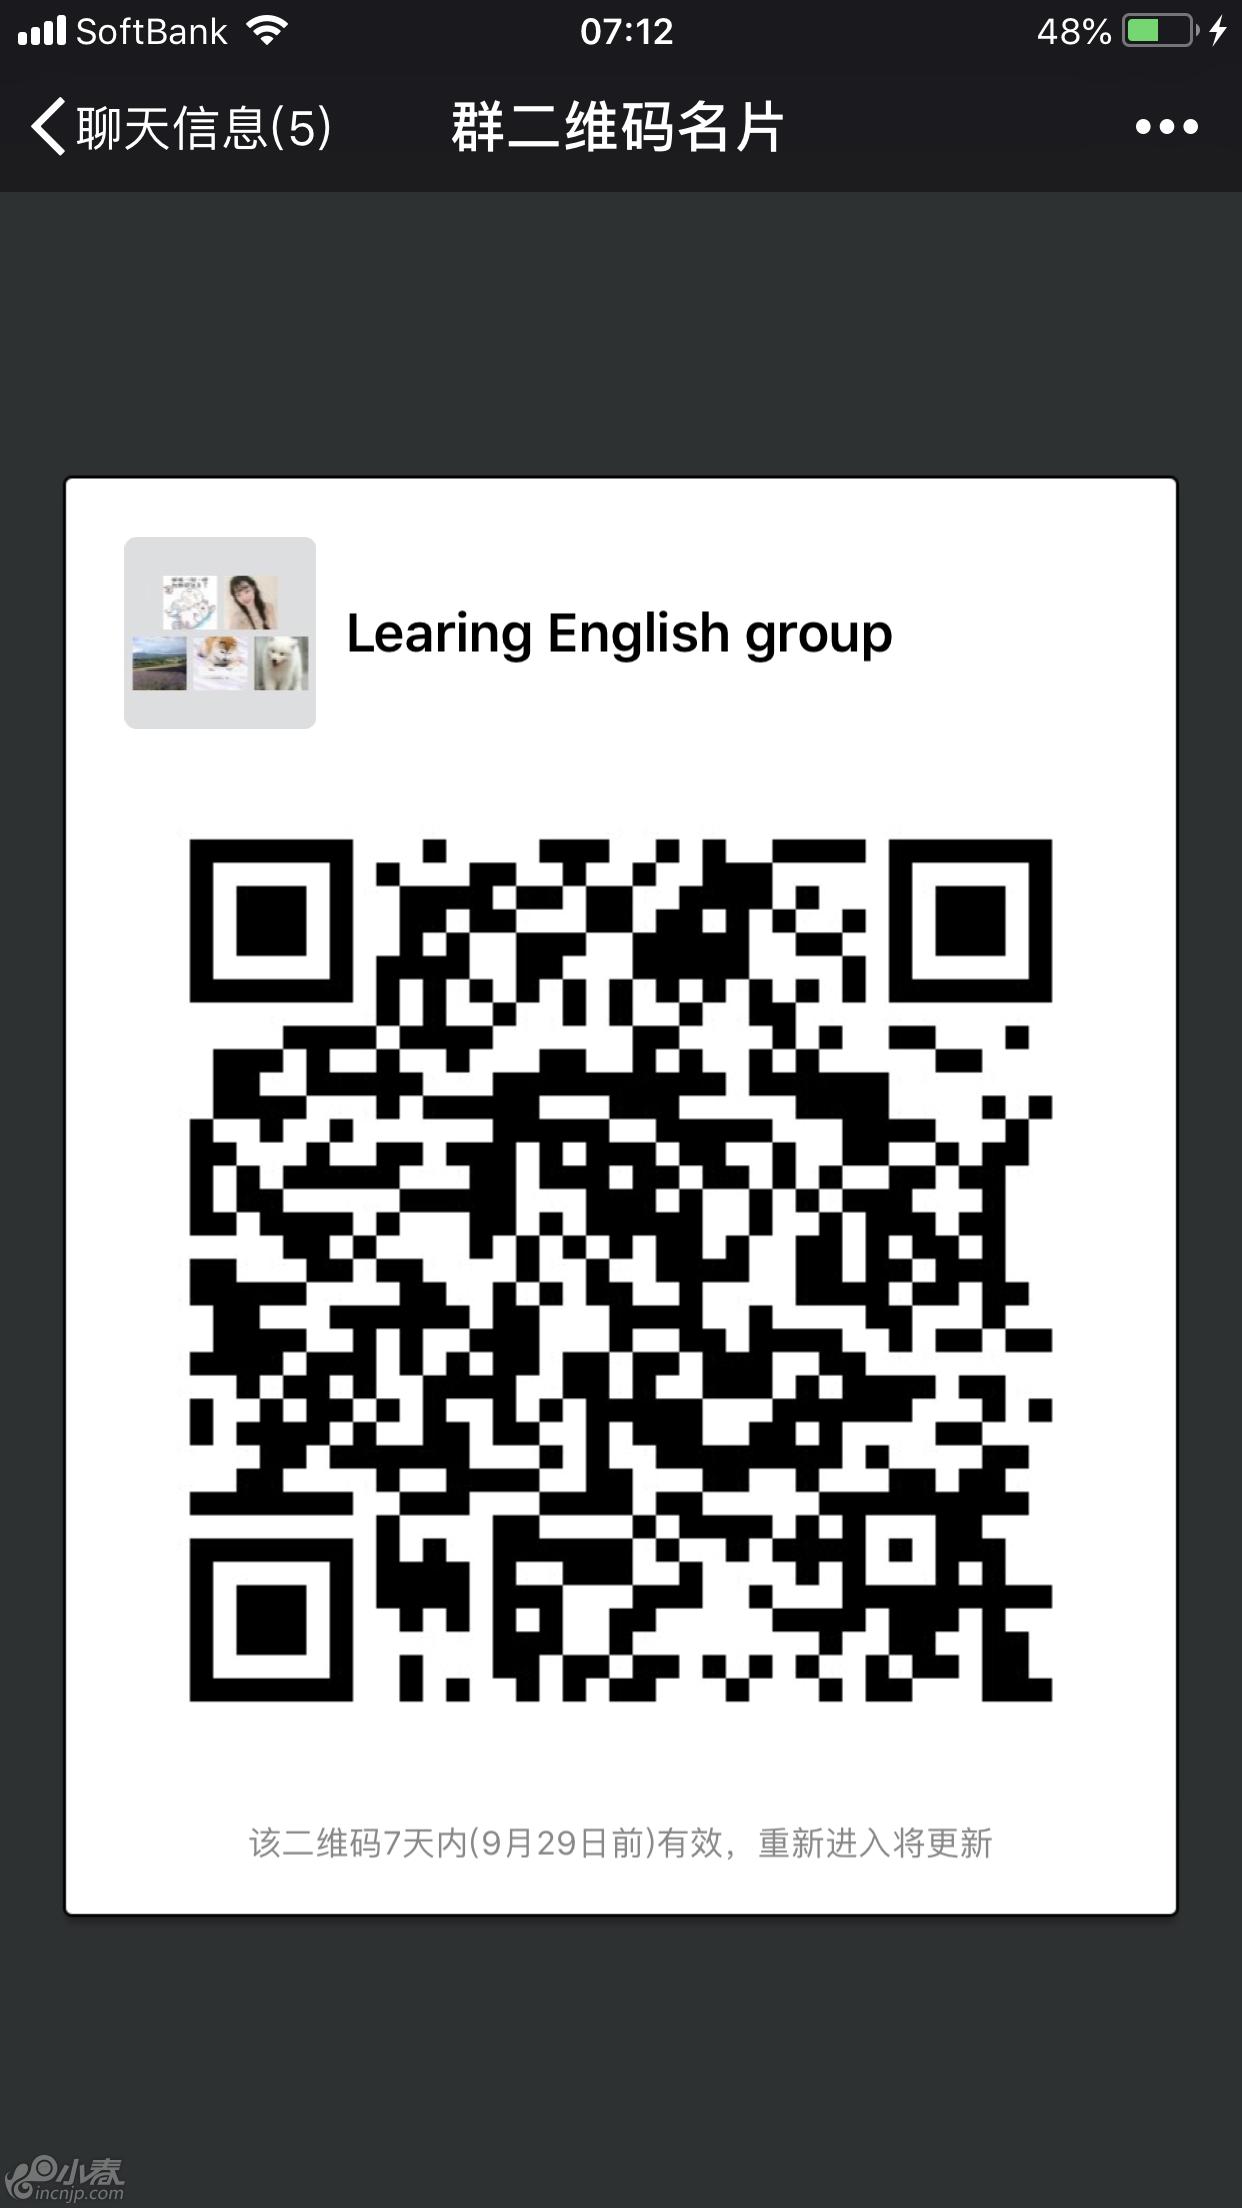 F3647D60-F222-455D-912E-6AD7758A2E11.png